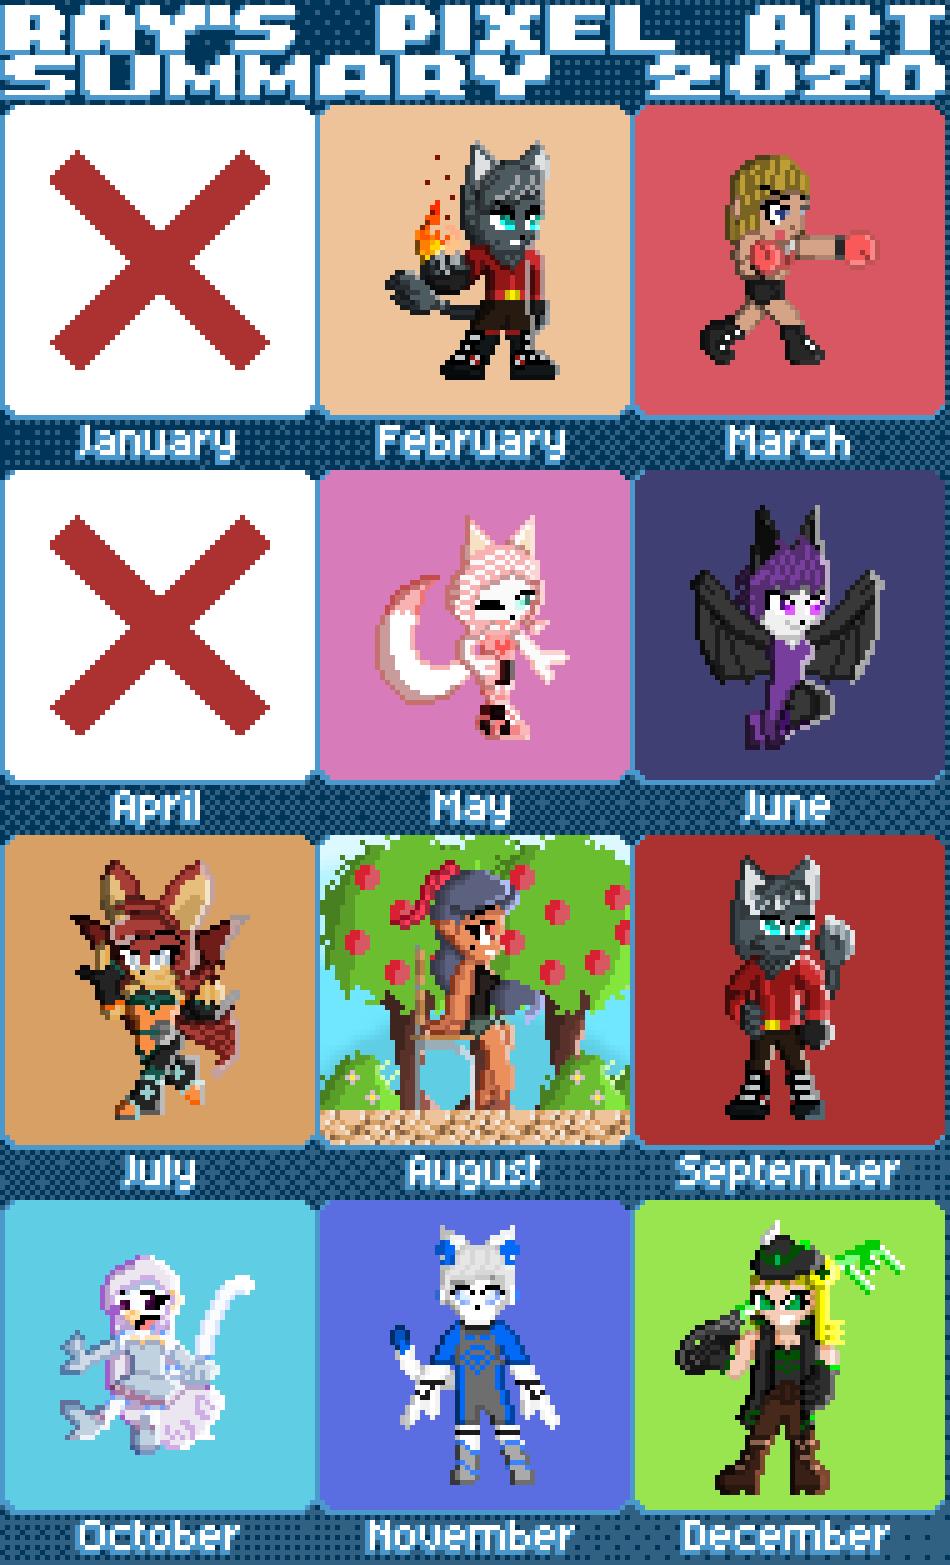 Ray's Pixel Art Summary 2020